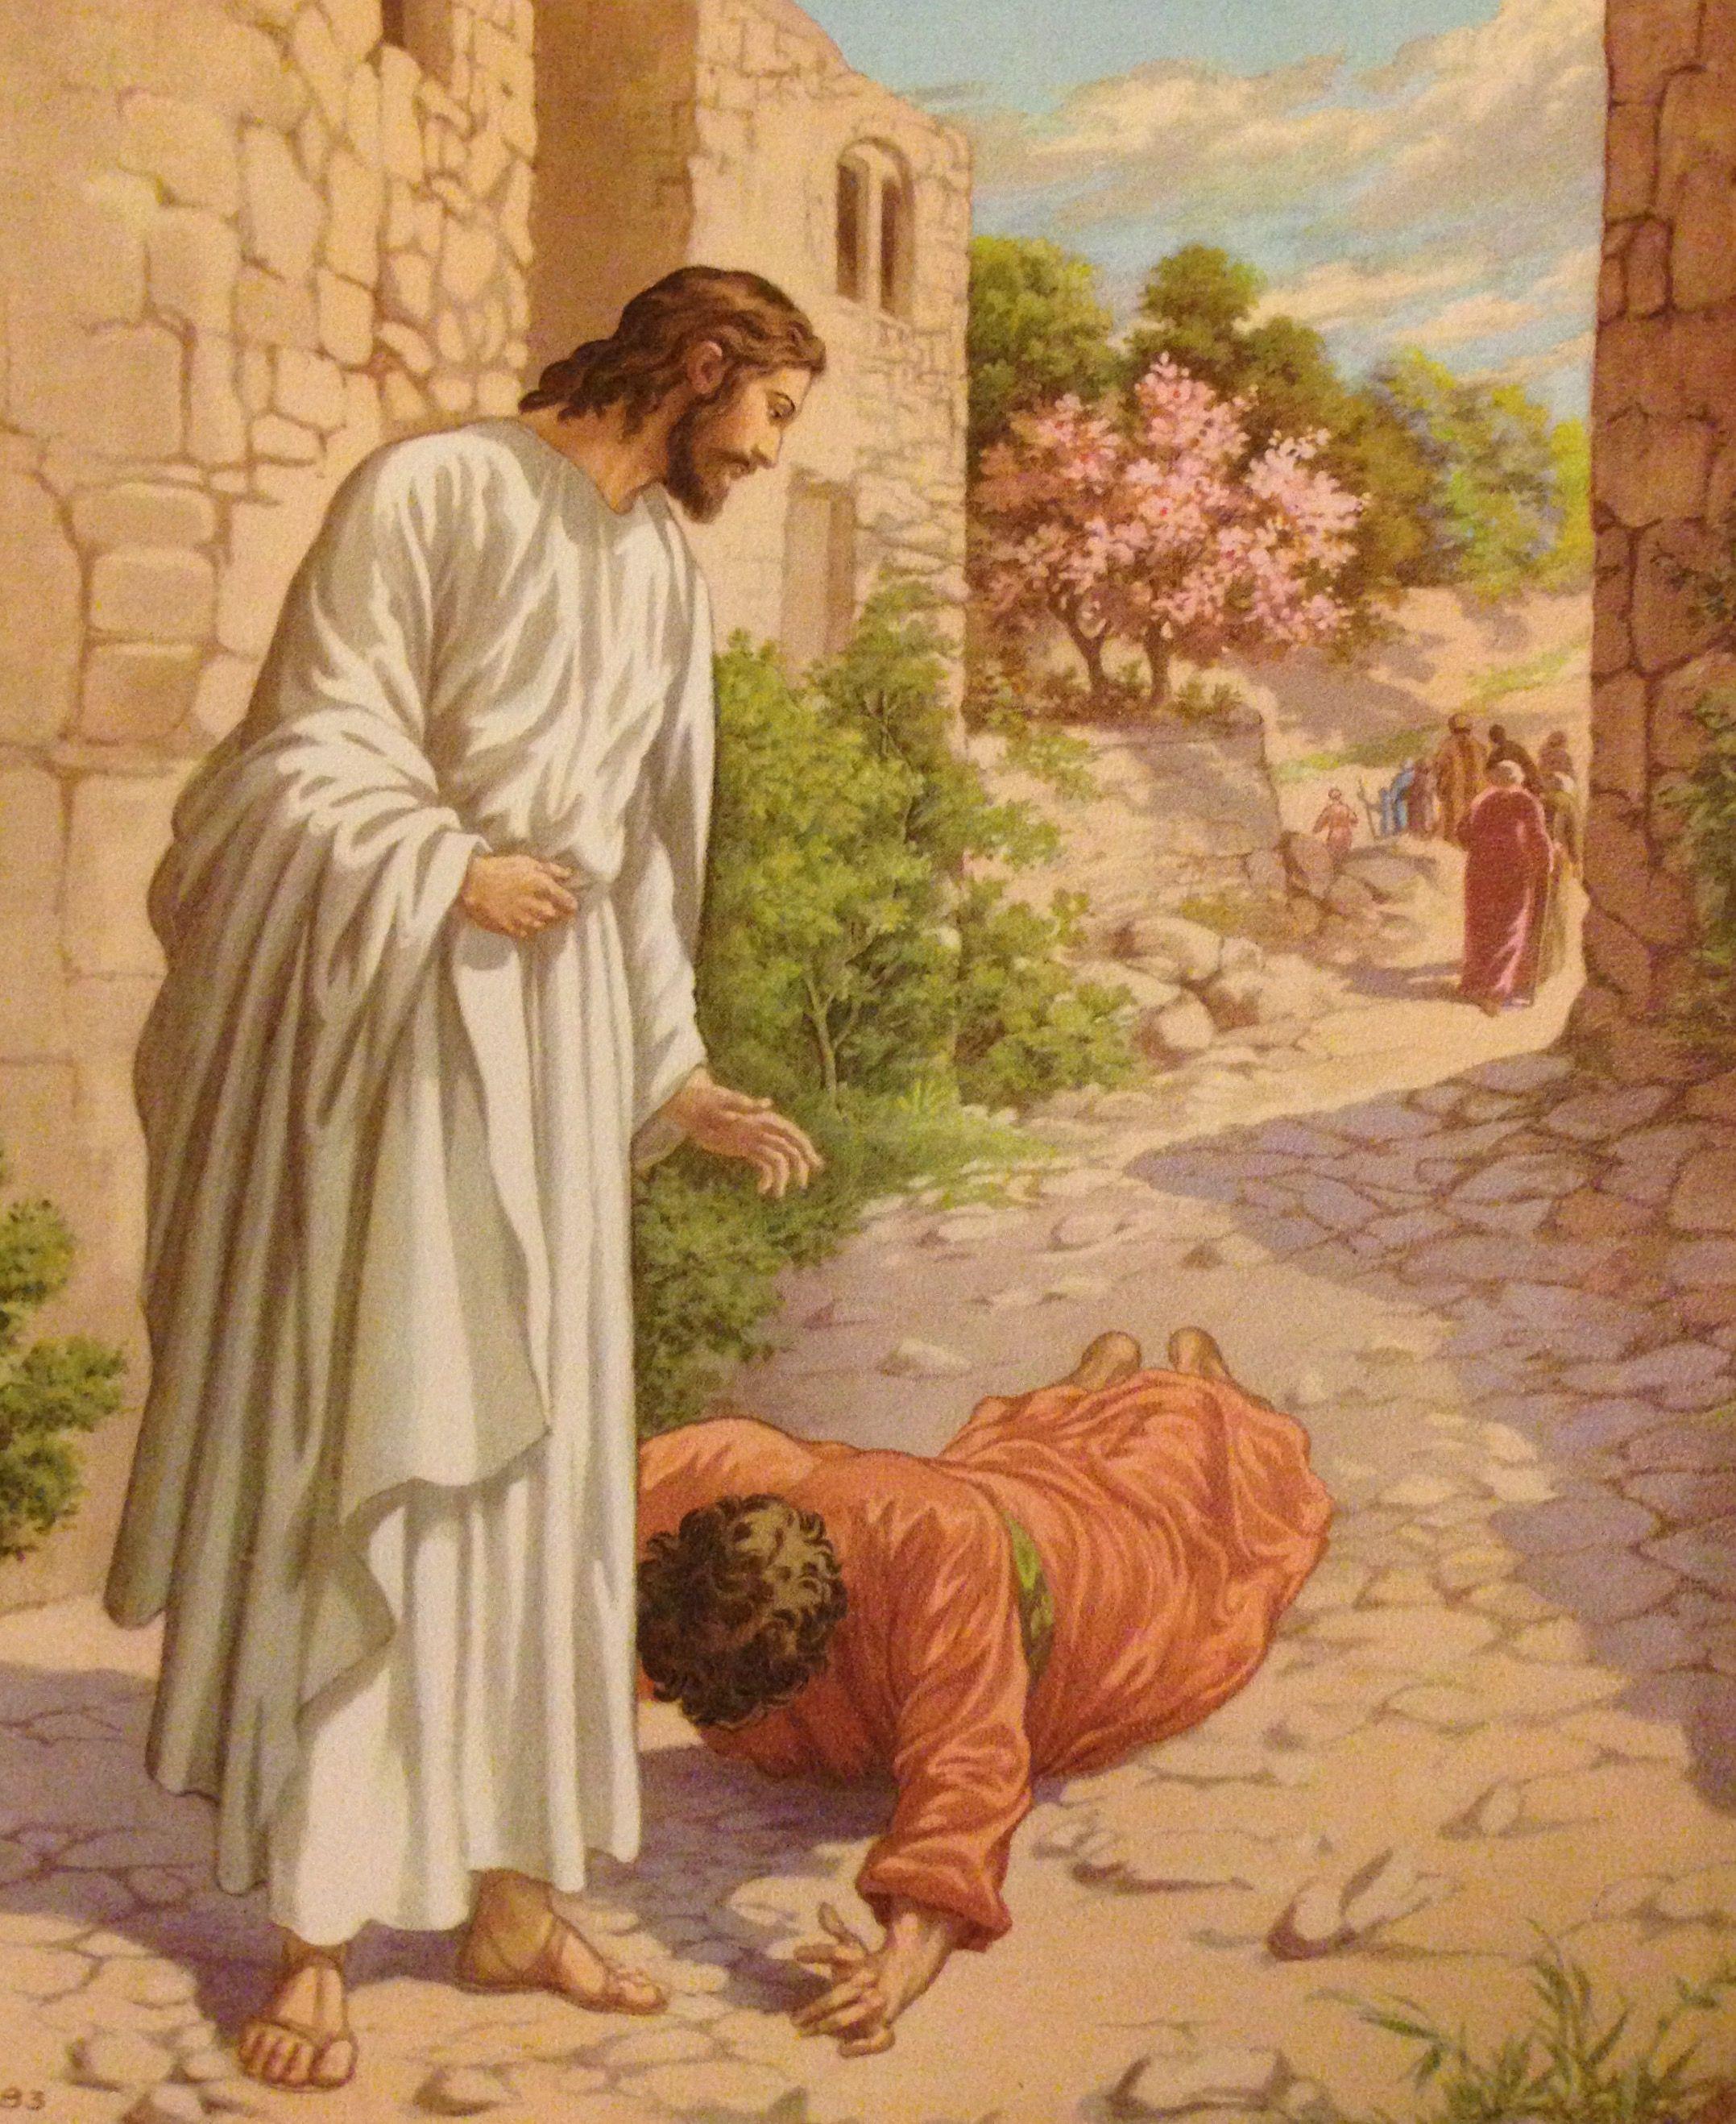 Only One Samaritan Returns To Thank Jesus When 10 Men Were